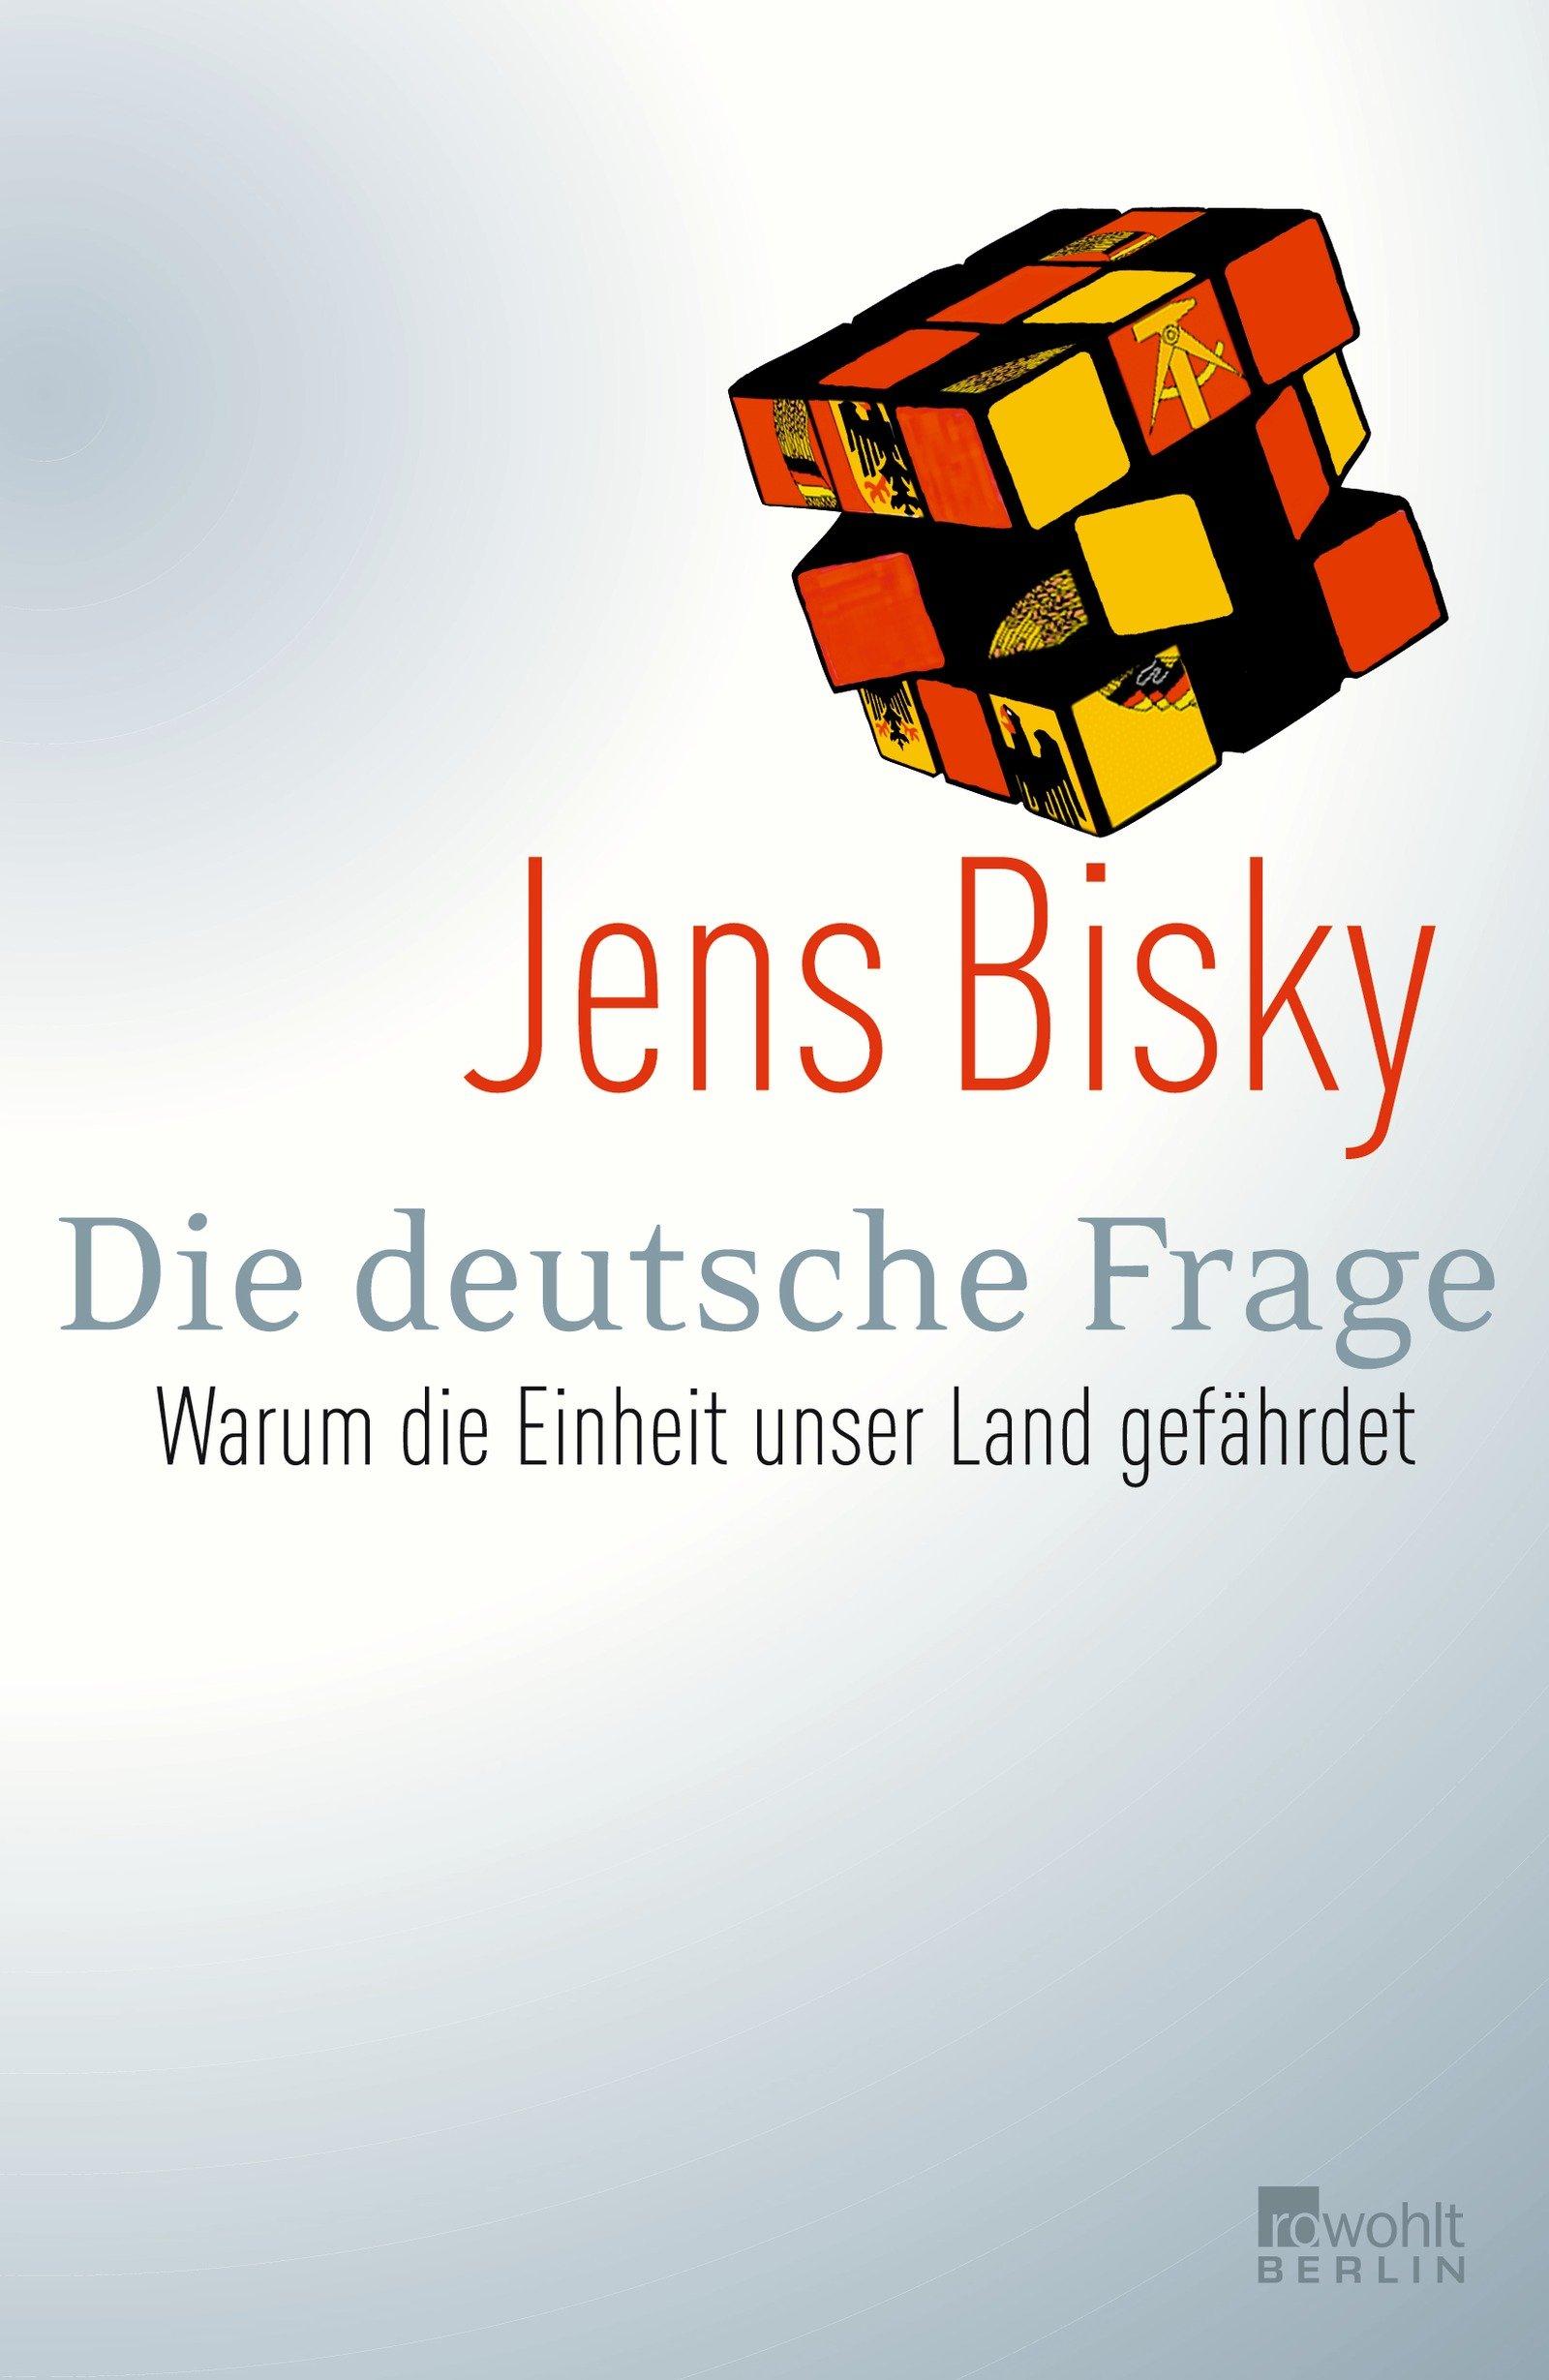 Die deutsche Frage: Warum die Einheit unser Land gefährdet Gebundenes Buch – 23. September 2005 Jens Bisky Rowohlt Berlin 3871345261 MAK_GD_9783871345265